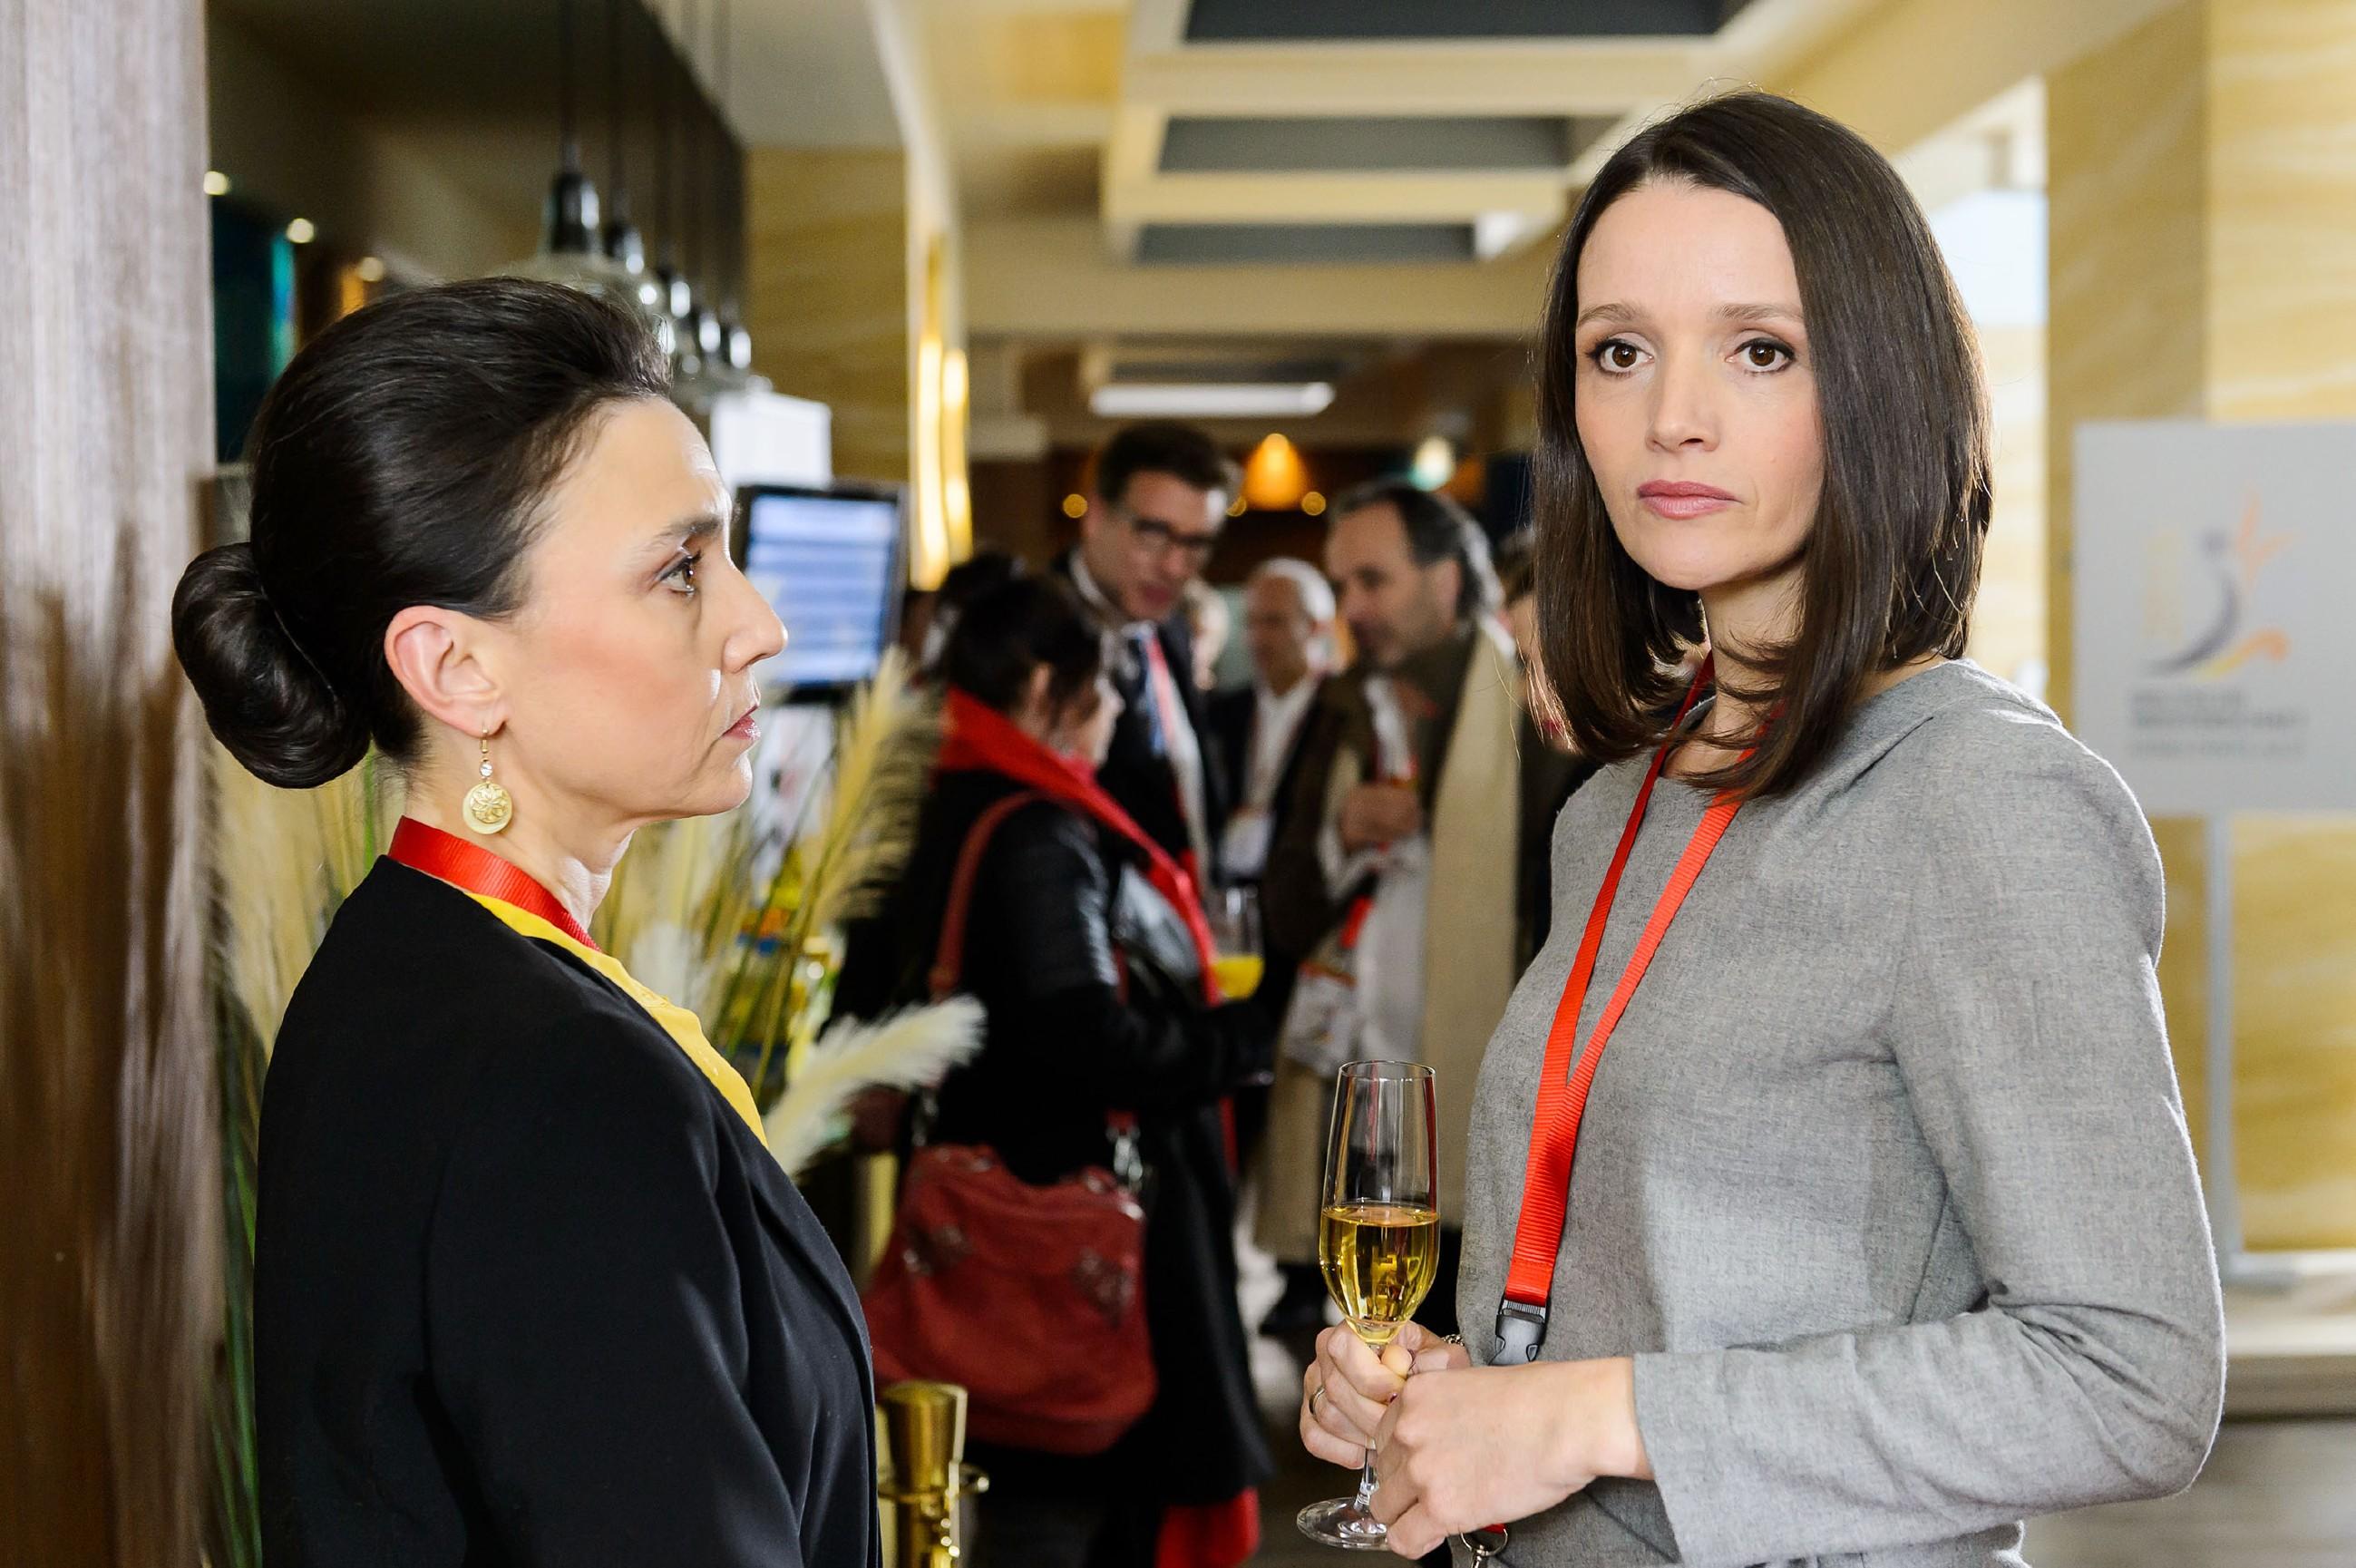 Simone (Tatjana Clasing, l.) konfrontiert Jenny (Kaja Schmidt-Tychsen) mit den harten Konsequenzen ihres Verhaltens... (Quelle: RTL / Willi Weber)